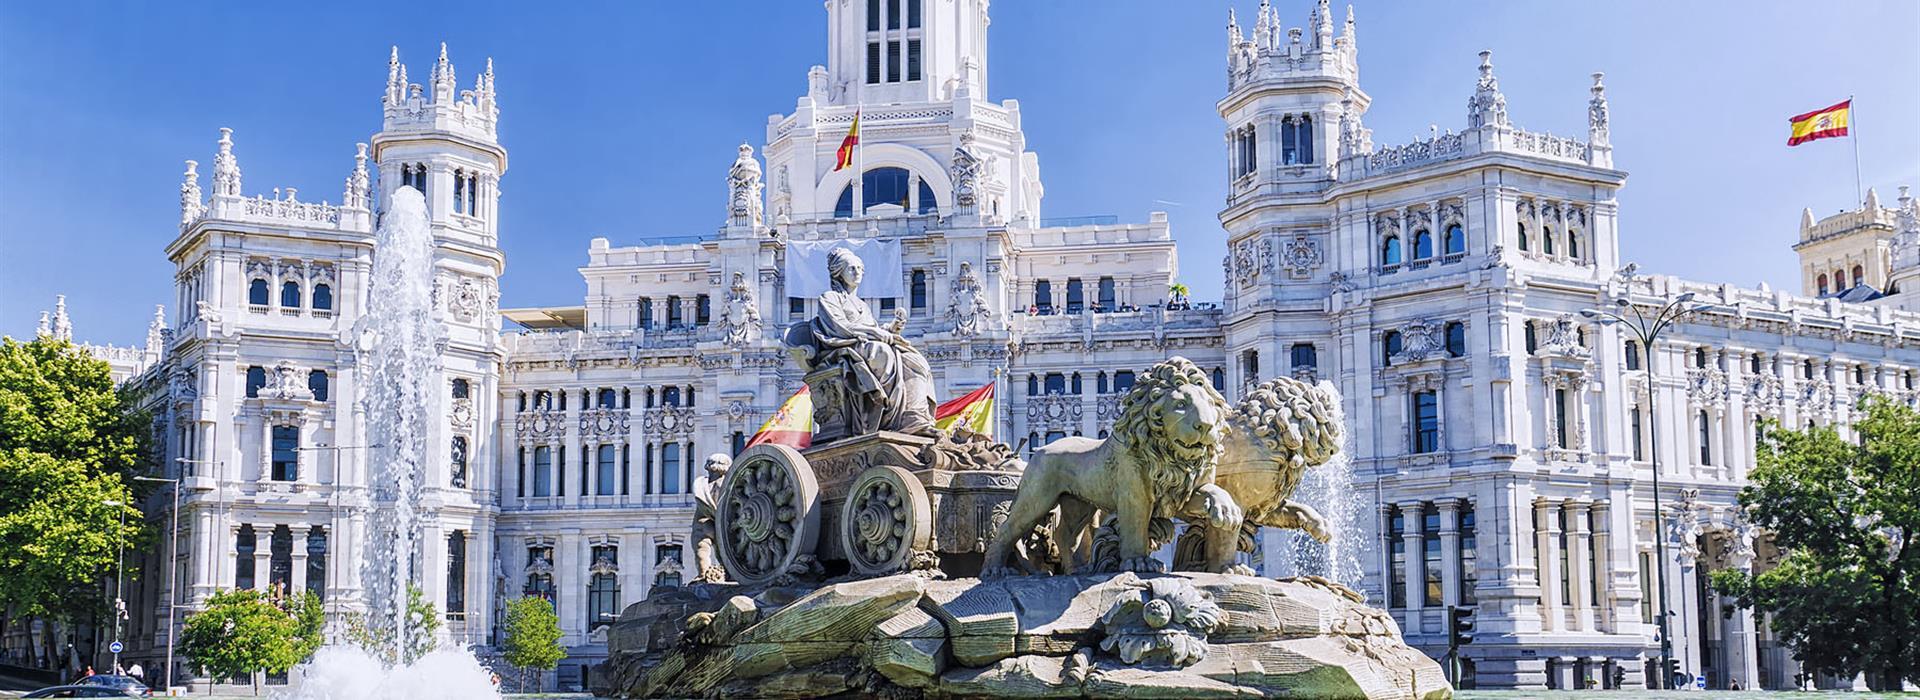 Madrid_556870582